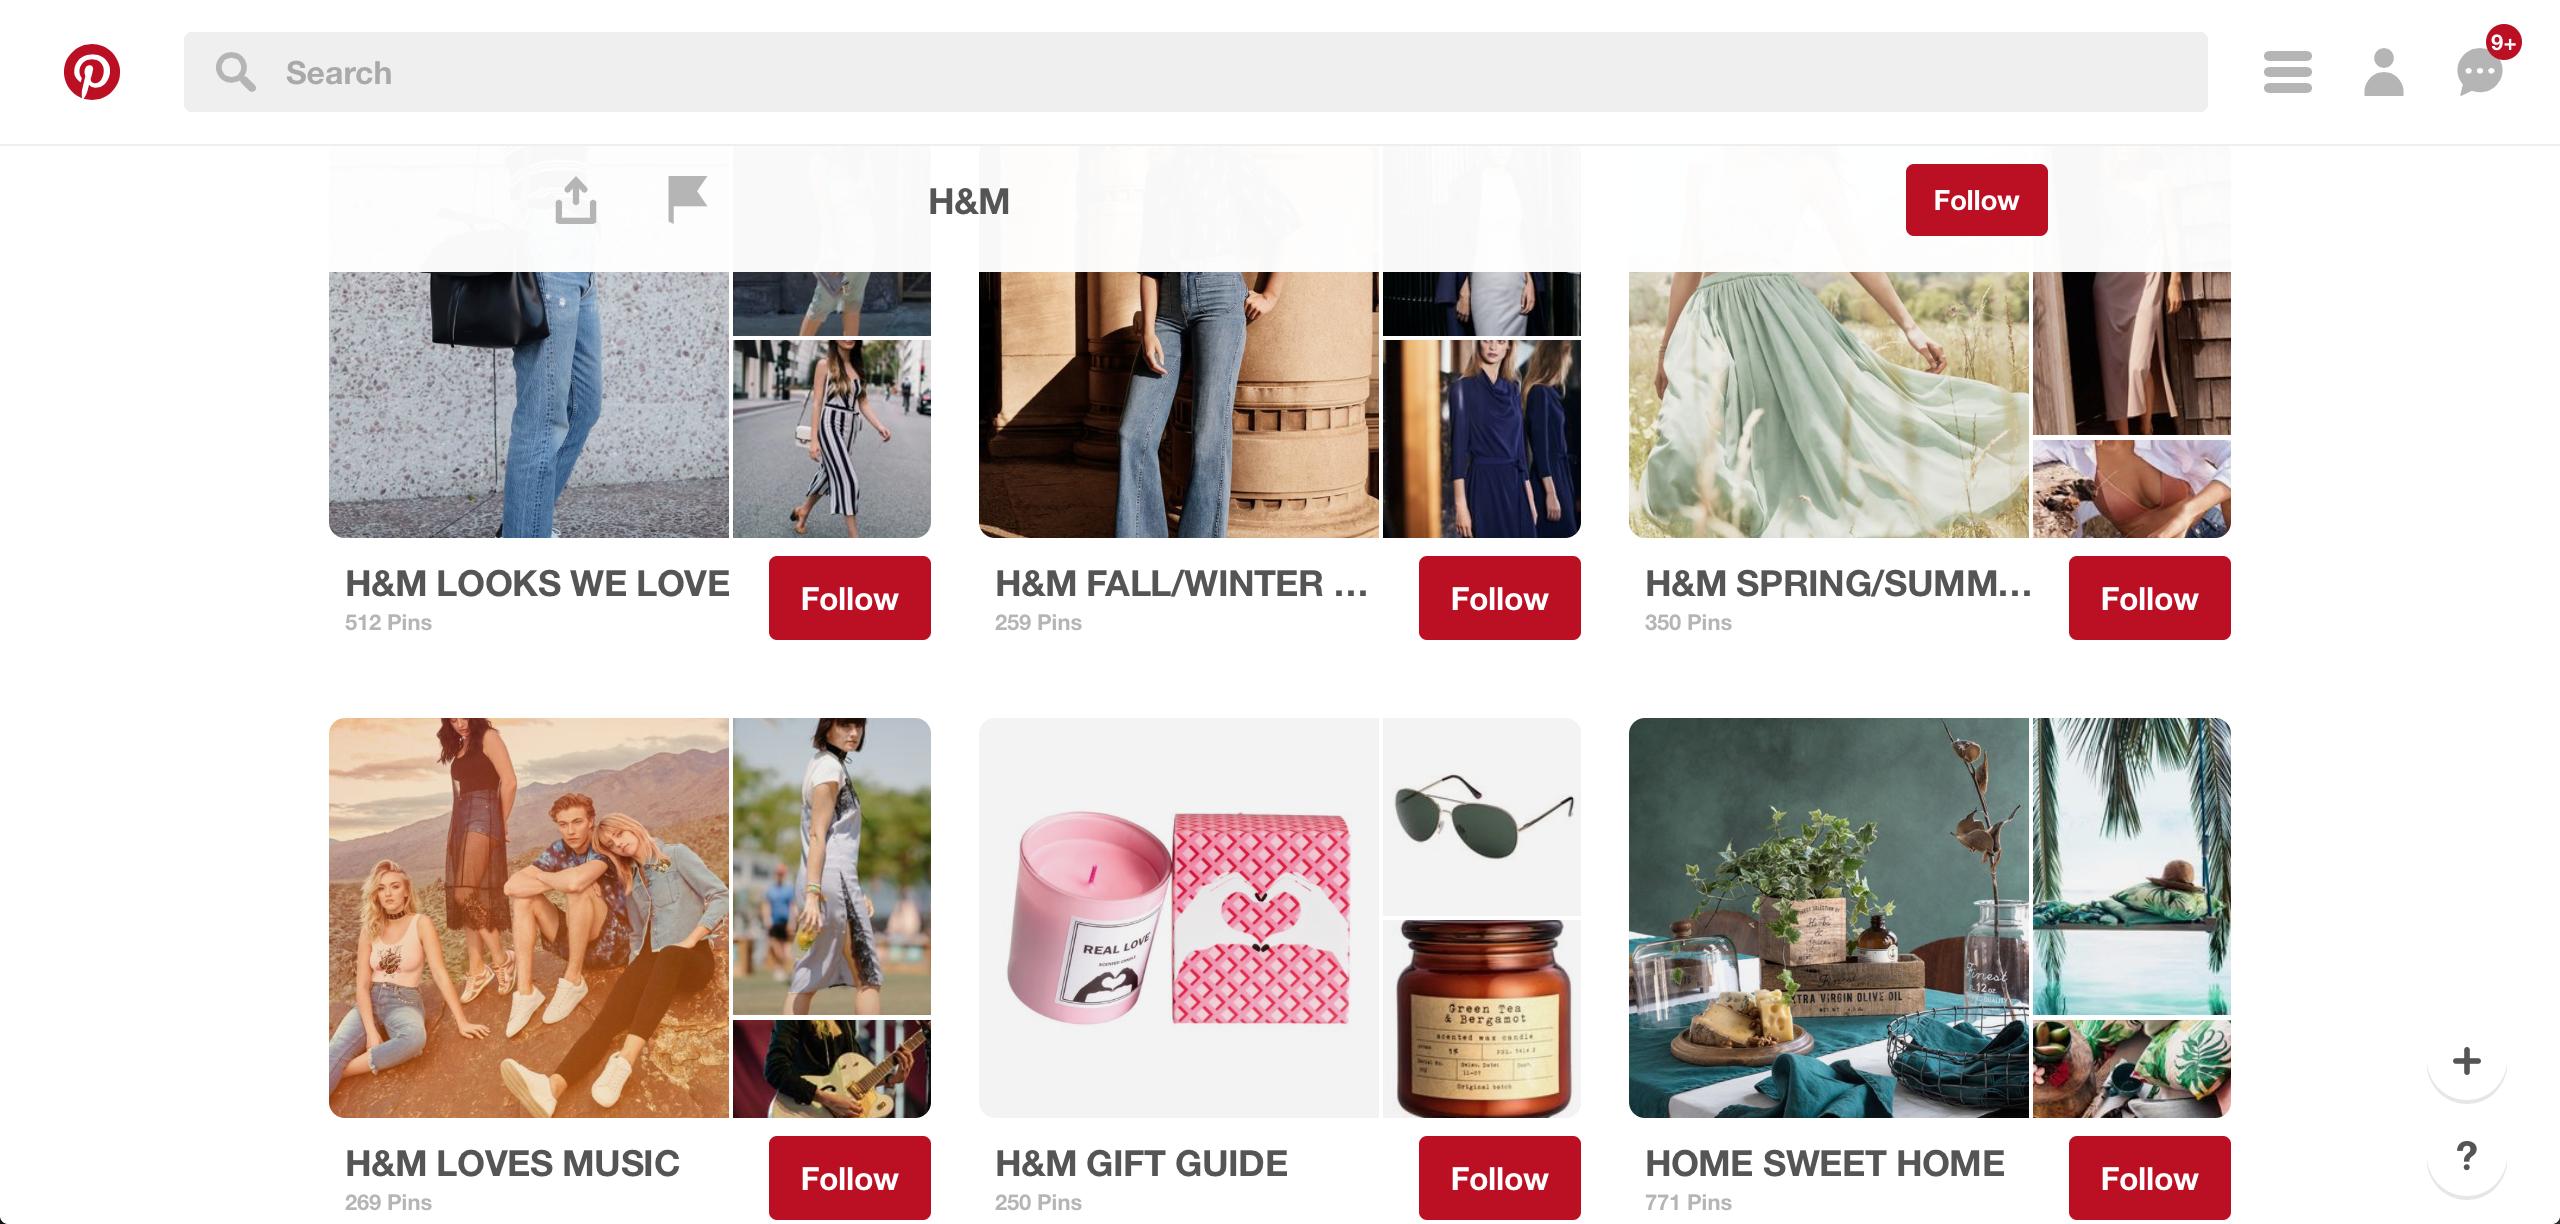 Op de pinterestpagina van H&M is alles duidelijk en overzichtelijk terug te vinden. Elke collectie heeft zijn eigen board waardoor het specifiek zoeken makkelijker wordt. https://www.pinterest.com/hm/?eq=h%26m&etslf=8738